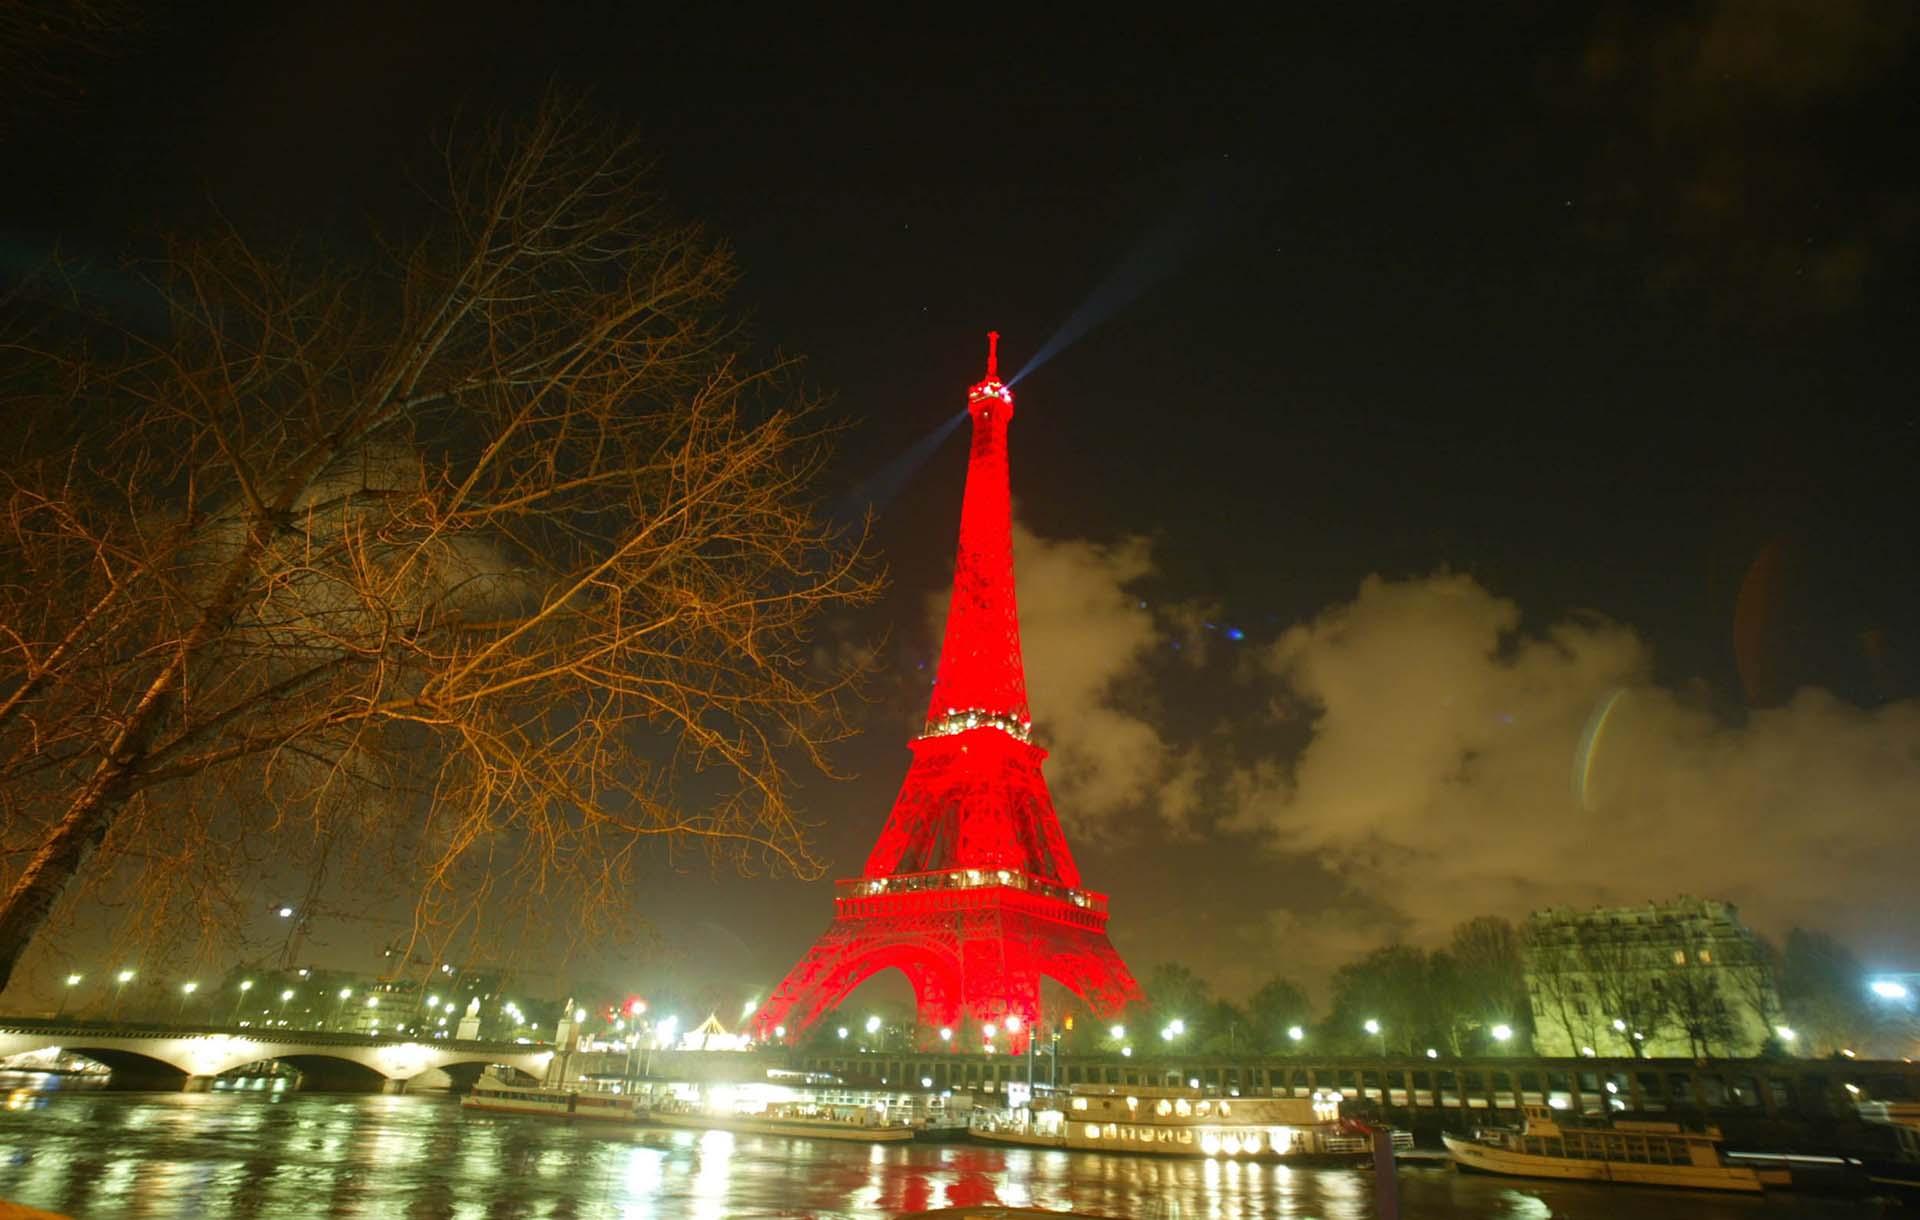 La torre, de rojo, para honrar la celebración del año nuevo chino.